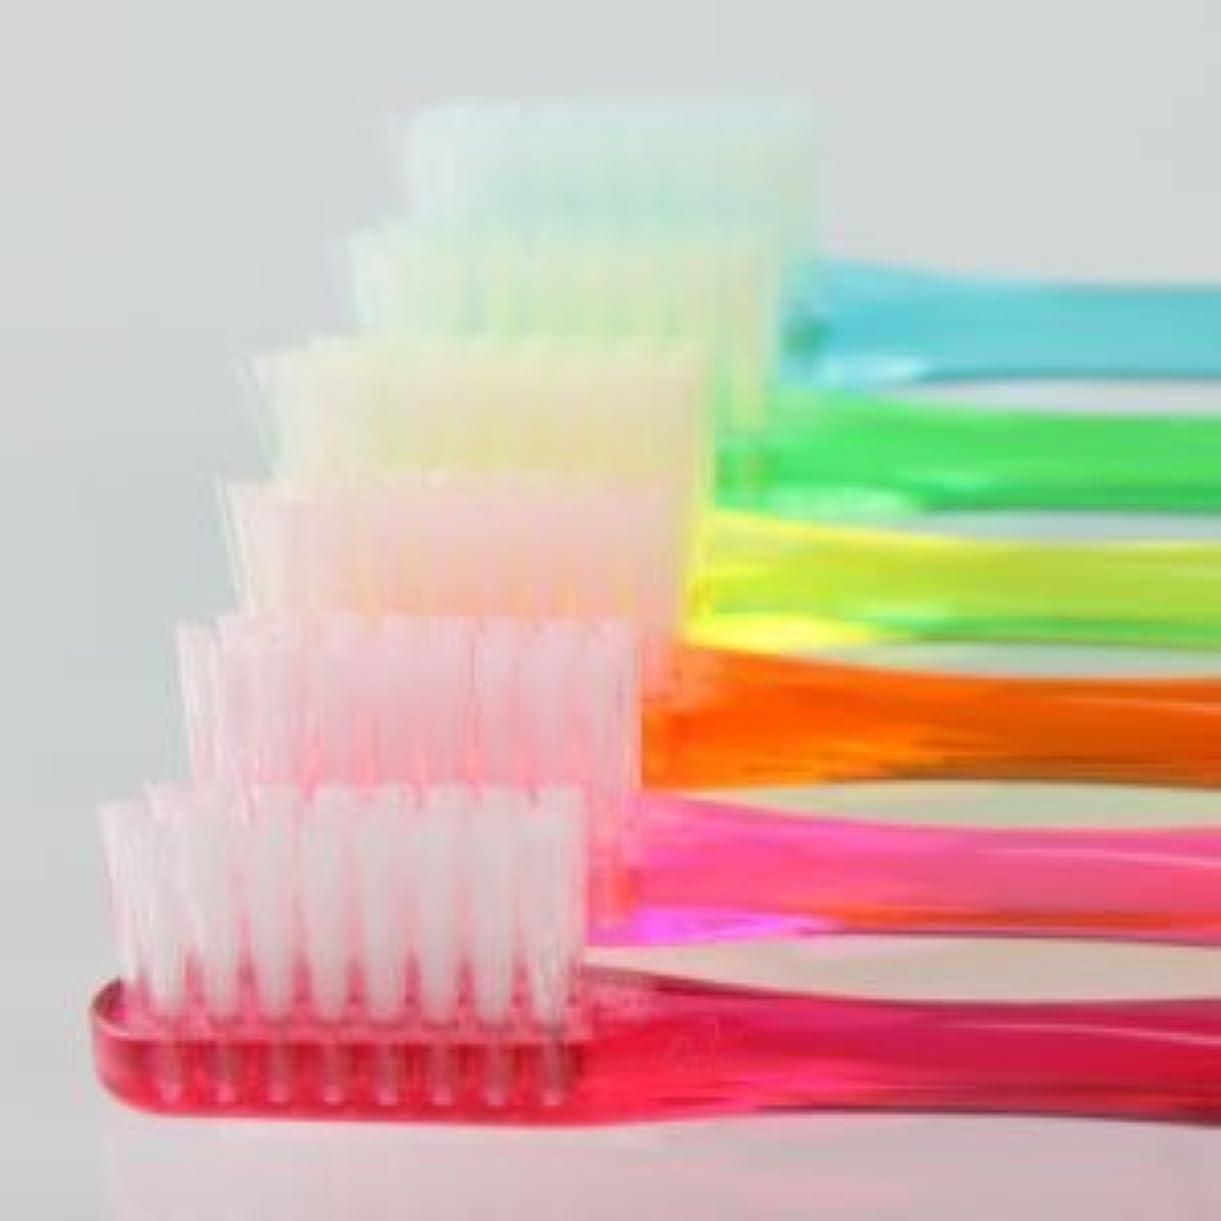 賄賂閲覧するアマゾンジャングルサムフレンド 歯ブラシ #21(ミディアム) 6本 ※お色は当店お任せです